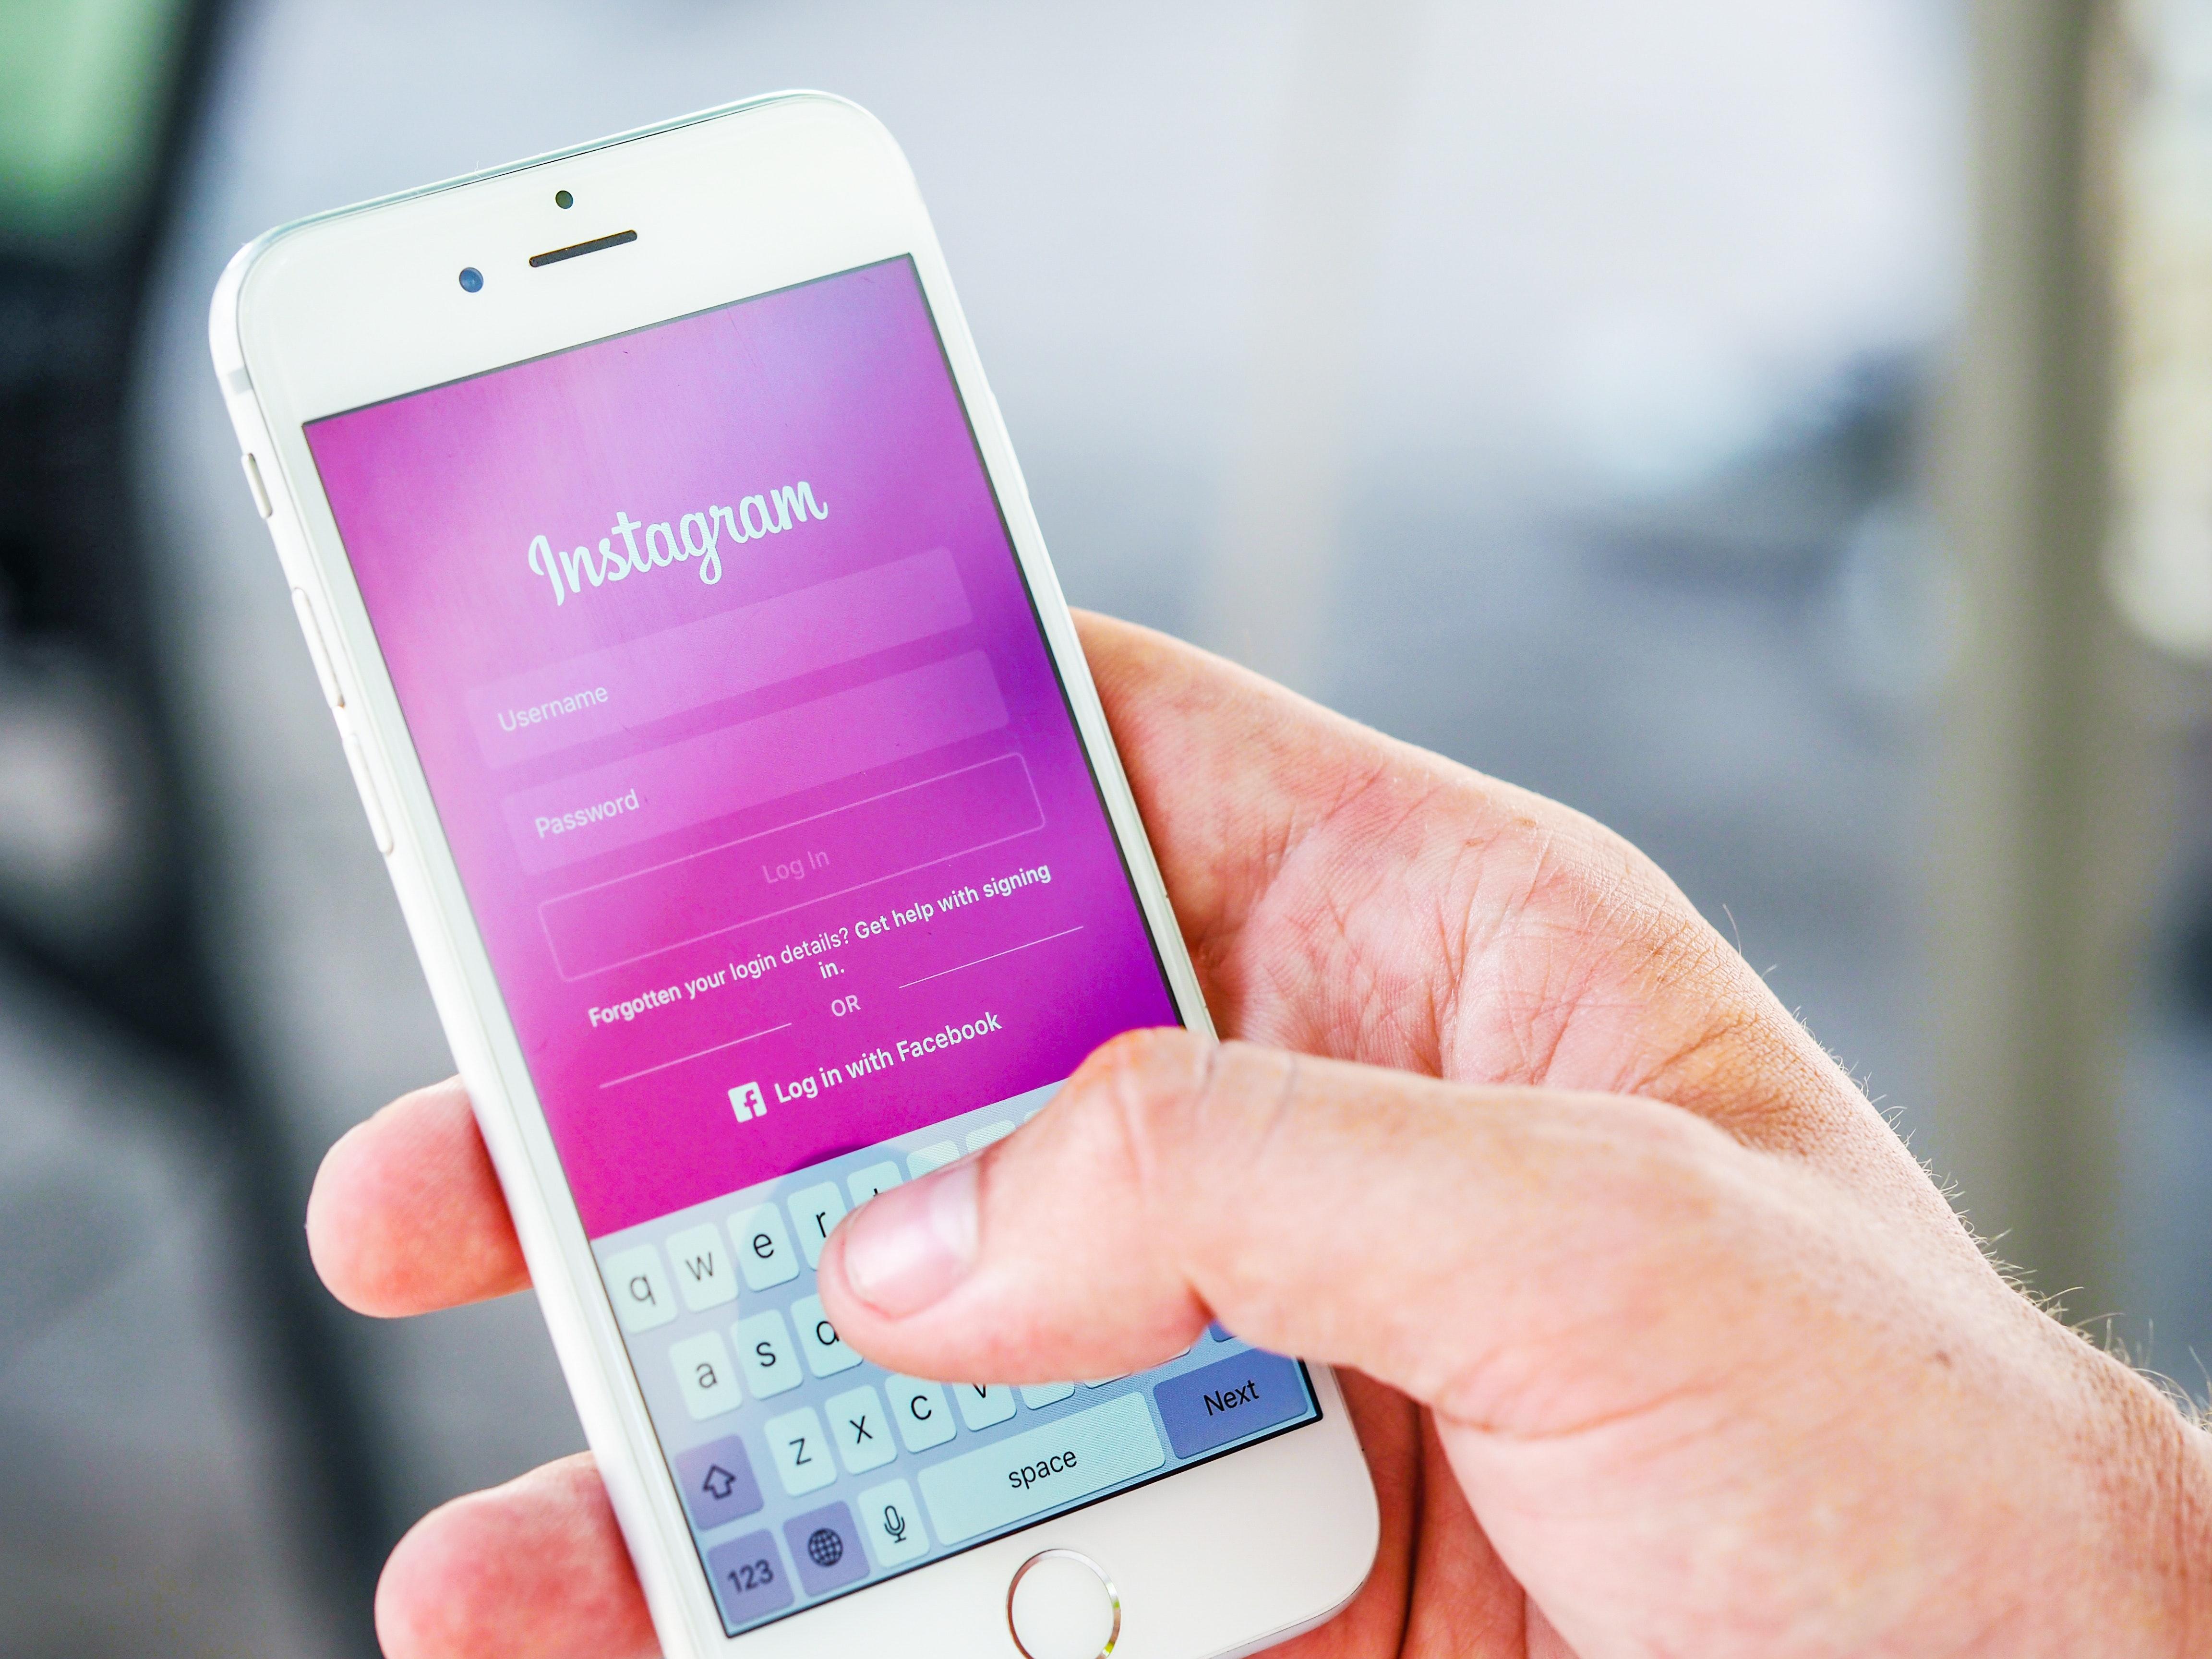 instagram-mudancas-blog-leads-infinitos-sua-marca-no-topo-marketing-digital.jpg